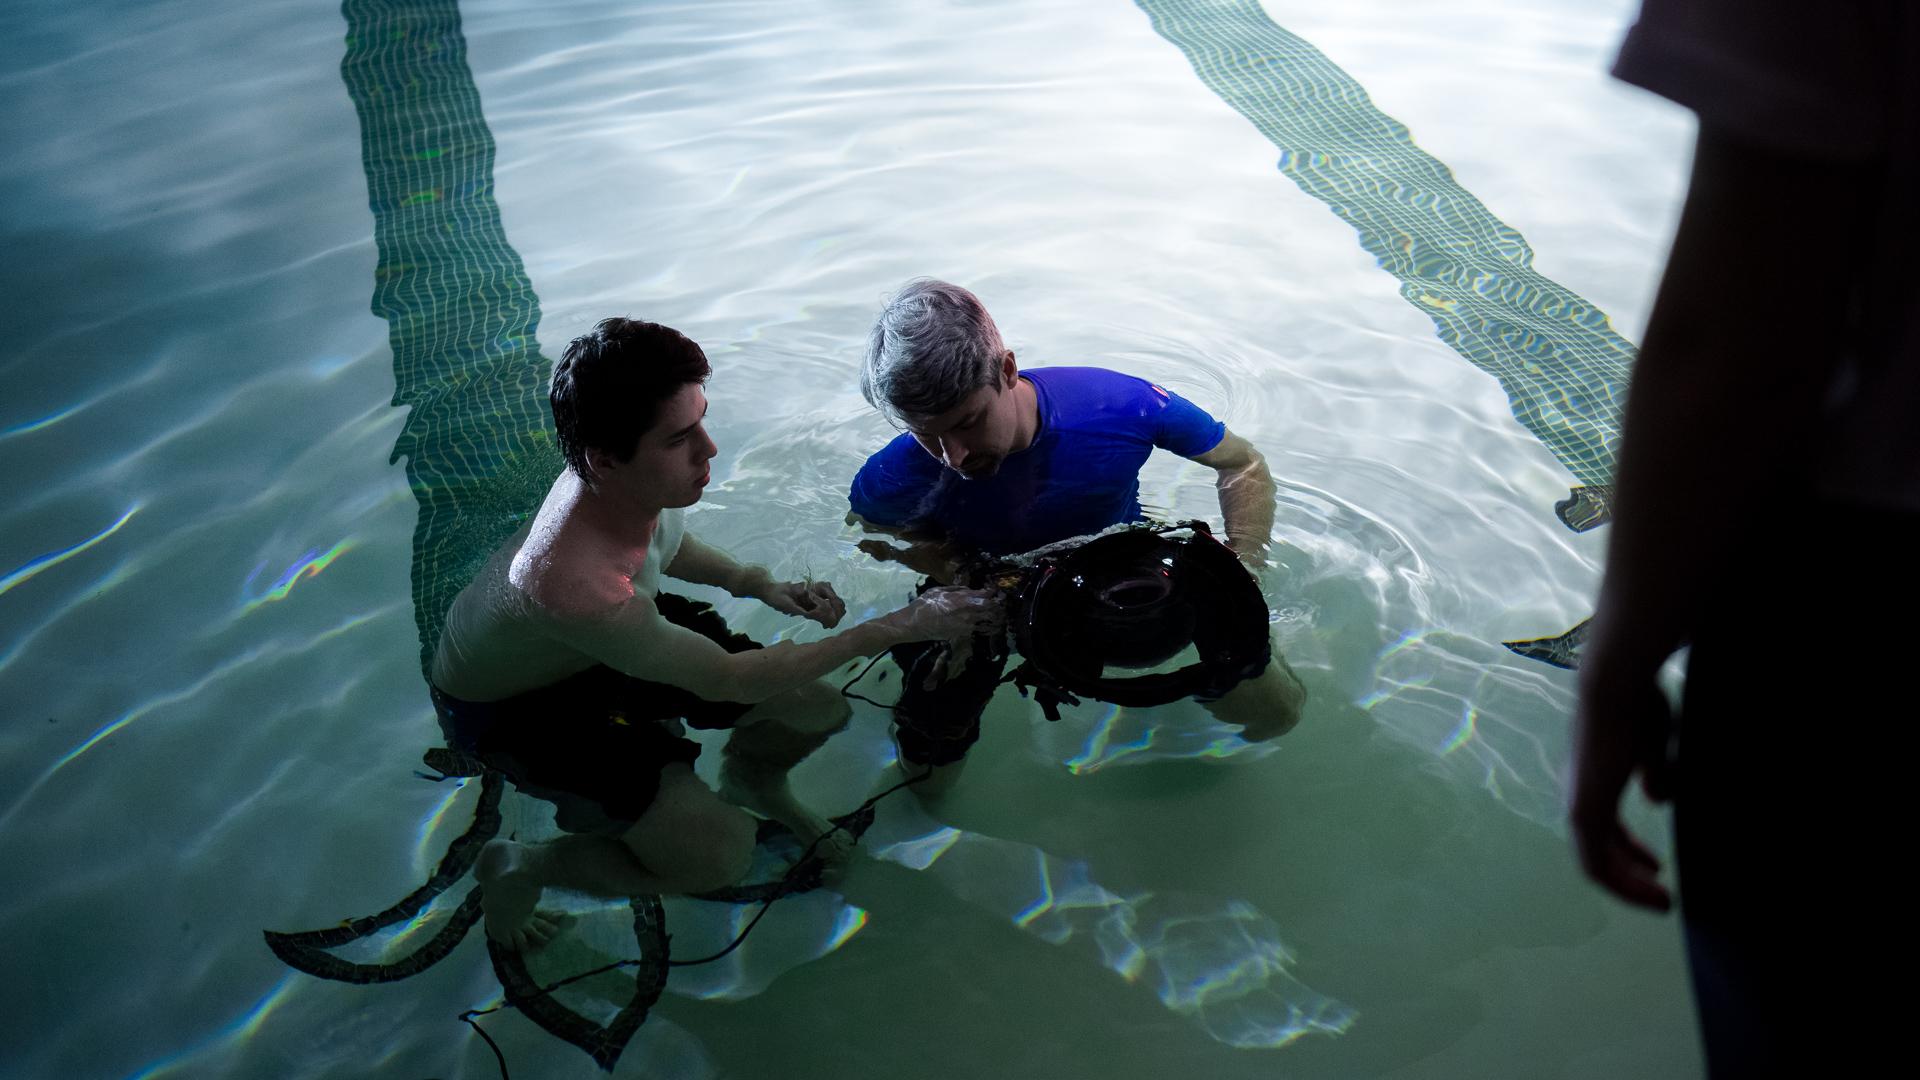 Consideraciones para la cinematografía subacuática